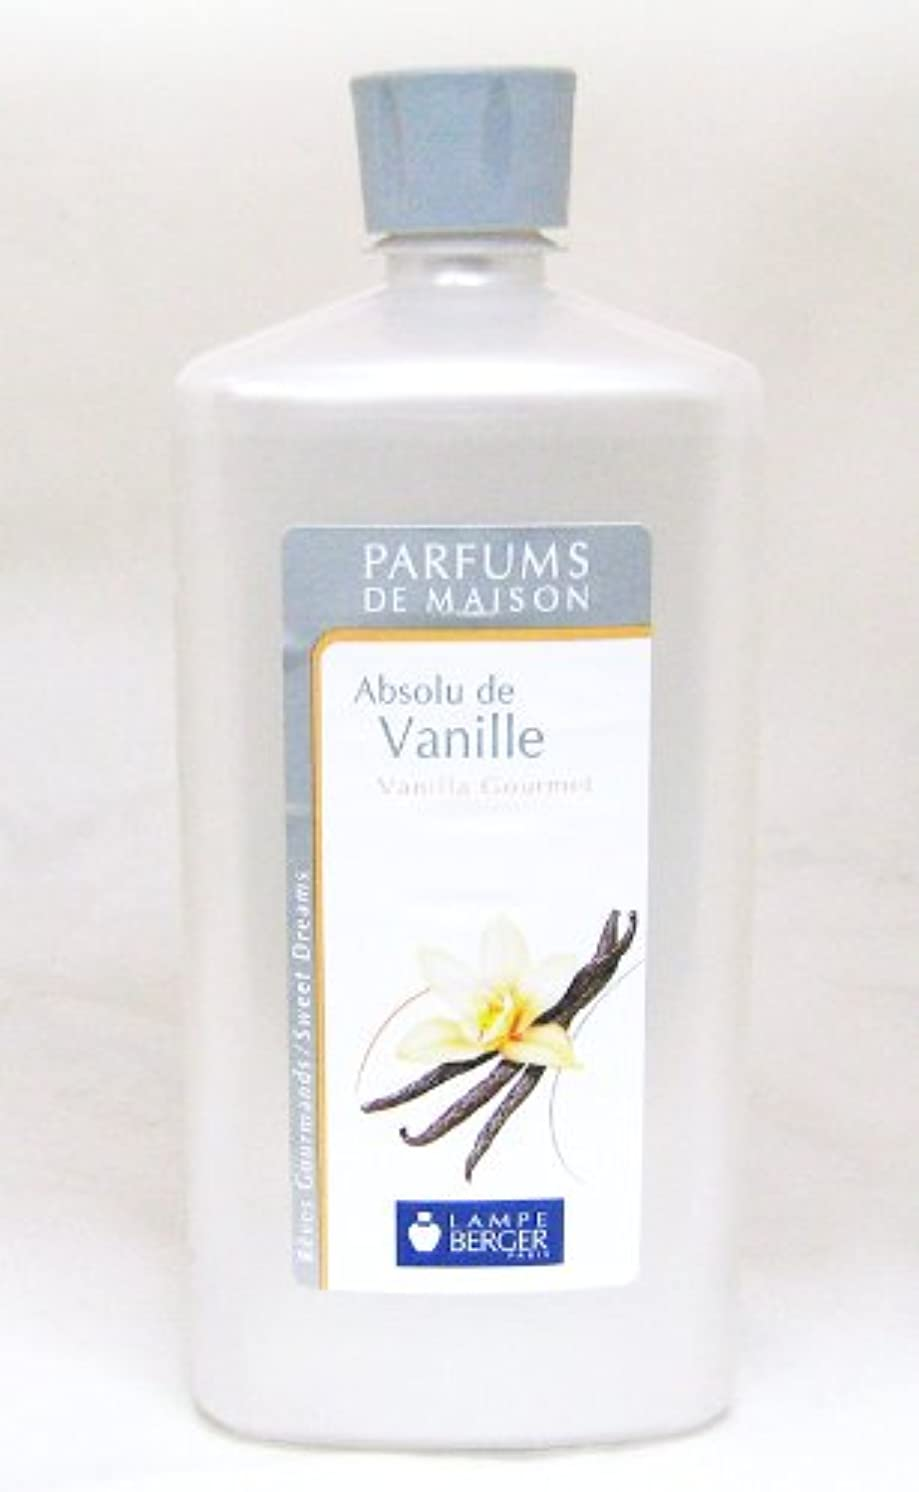 ペパーミントロゴ数ランプベルジェ フランス版 1000ml アロマオイル バニラ Absolu de Vanille